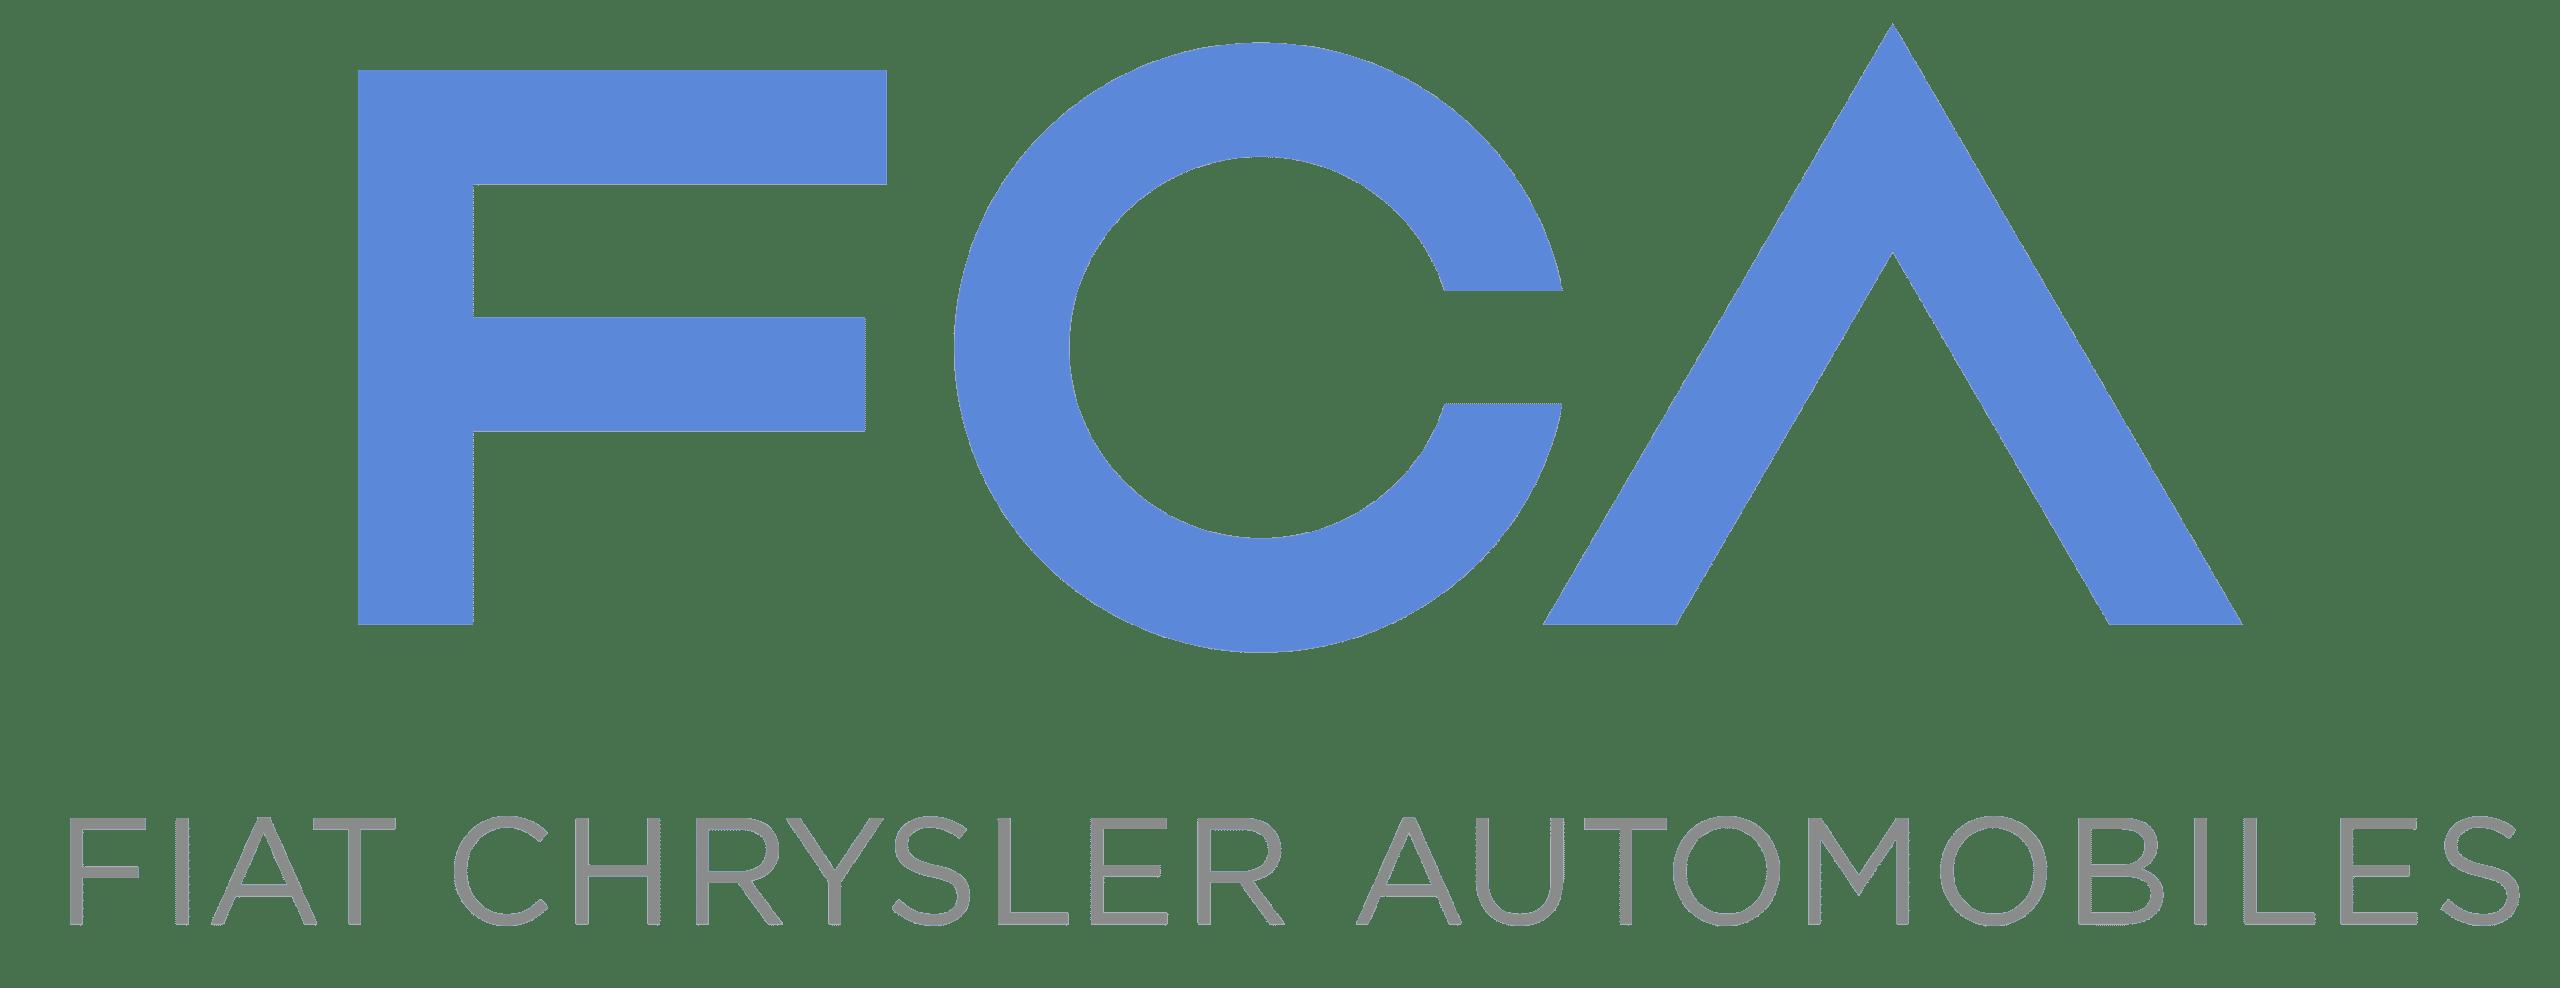 FCA company logo